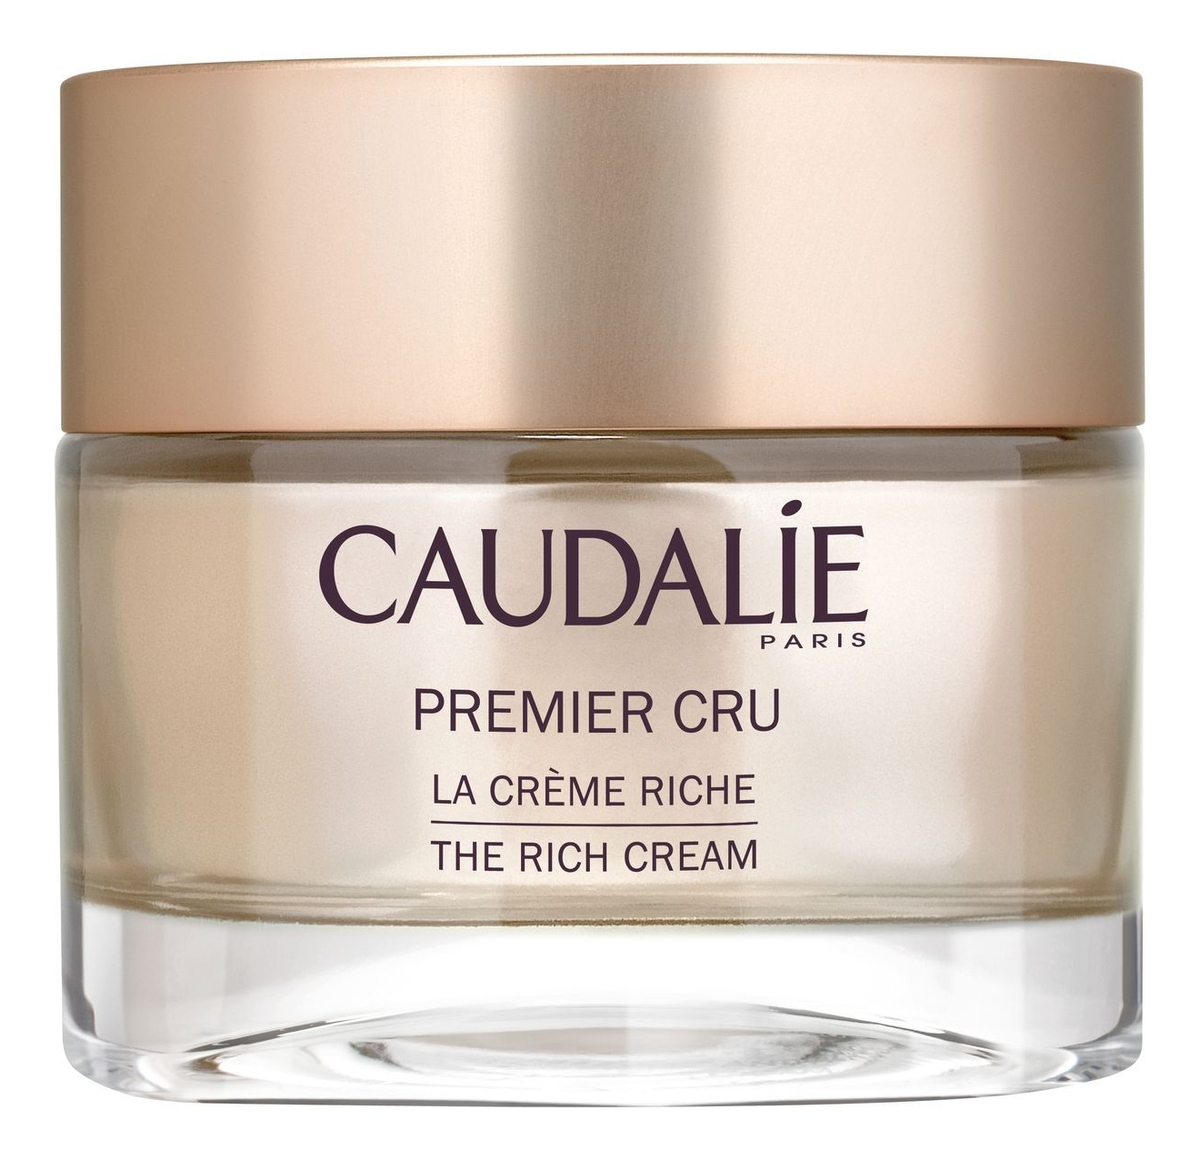 Купить Омолаживающий крем для лица Premier Cru La Creme Riche 50мл, Caudalie